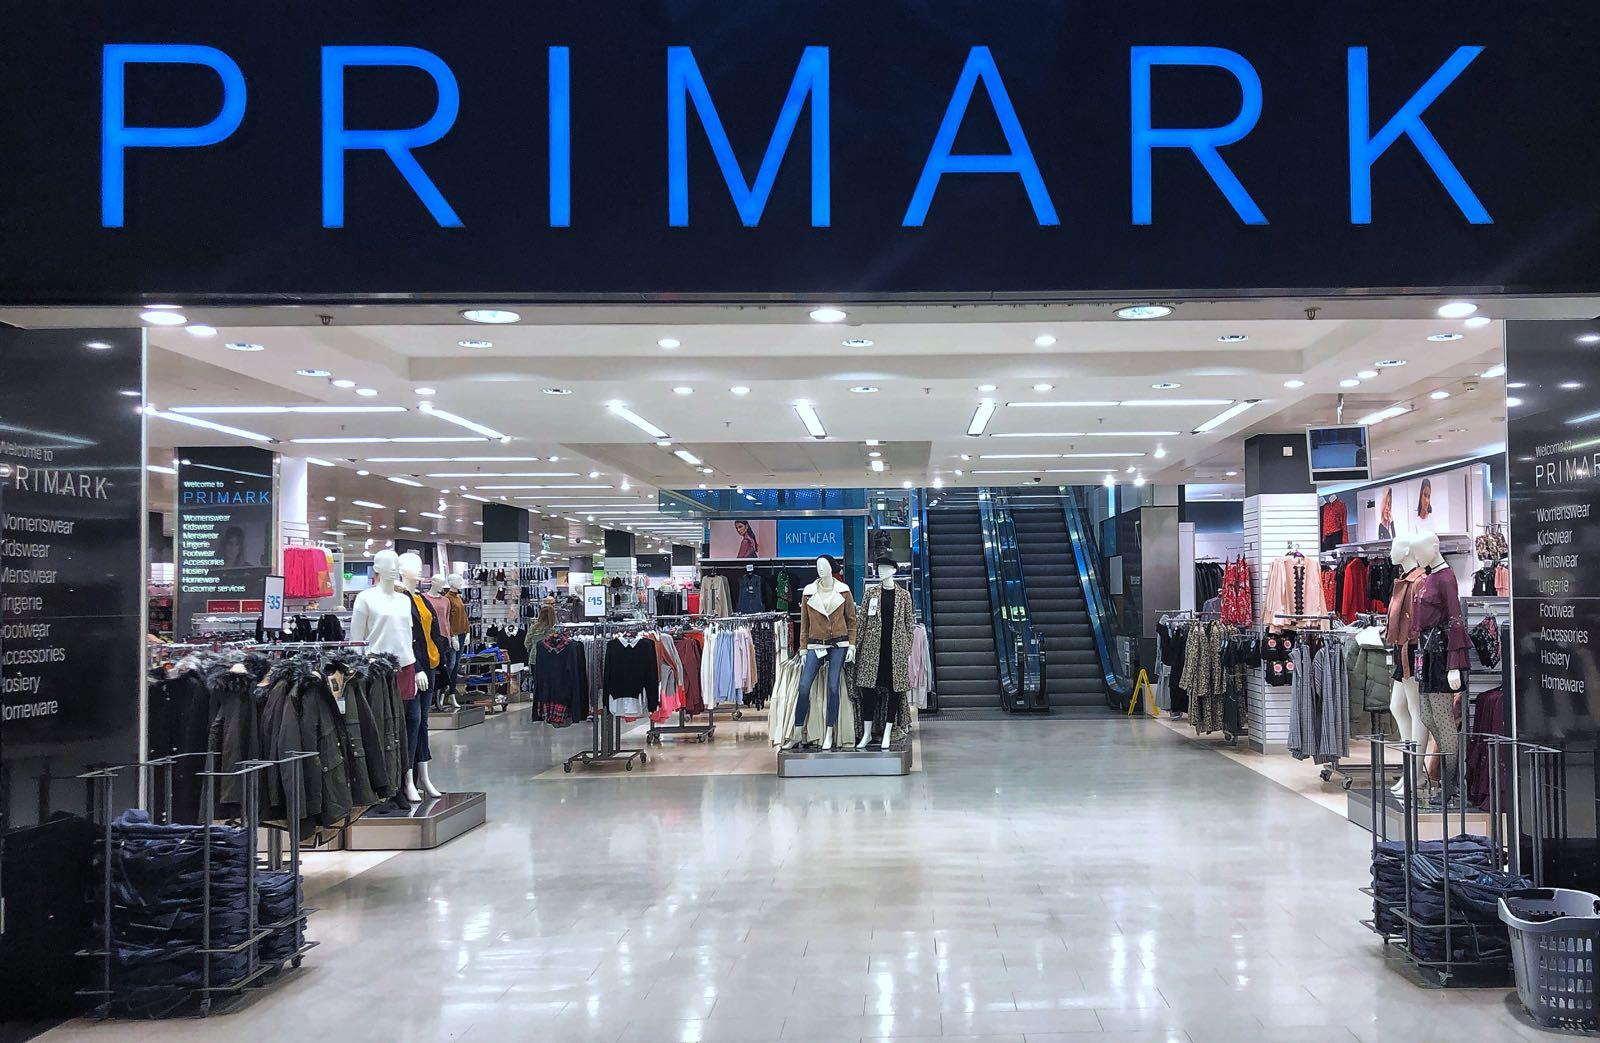 Primark, stocktaking for businesses, stocktaking services, stocktaking, stocktake planning, auditing, stocktake audits, stocktaking equipment